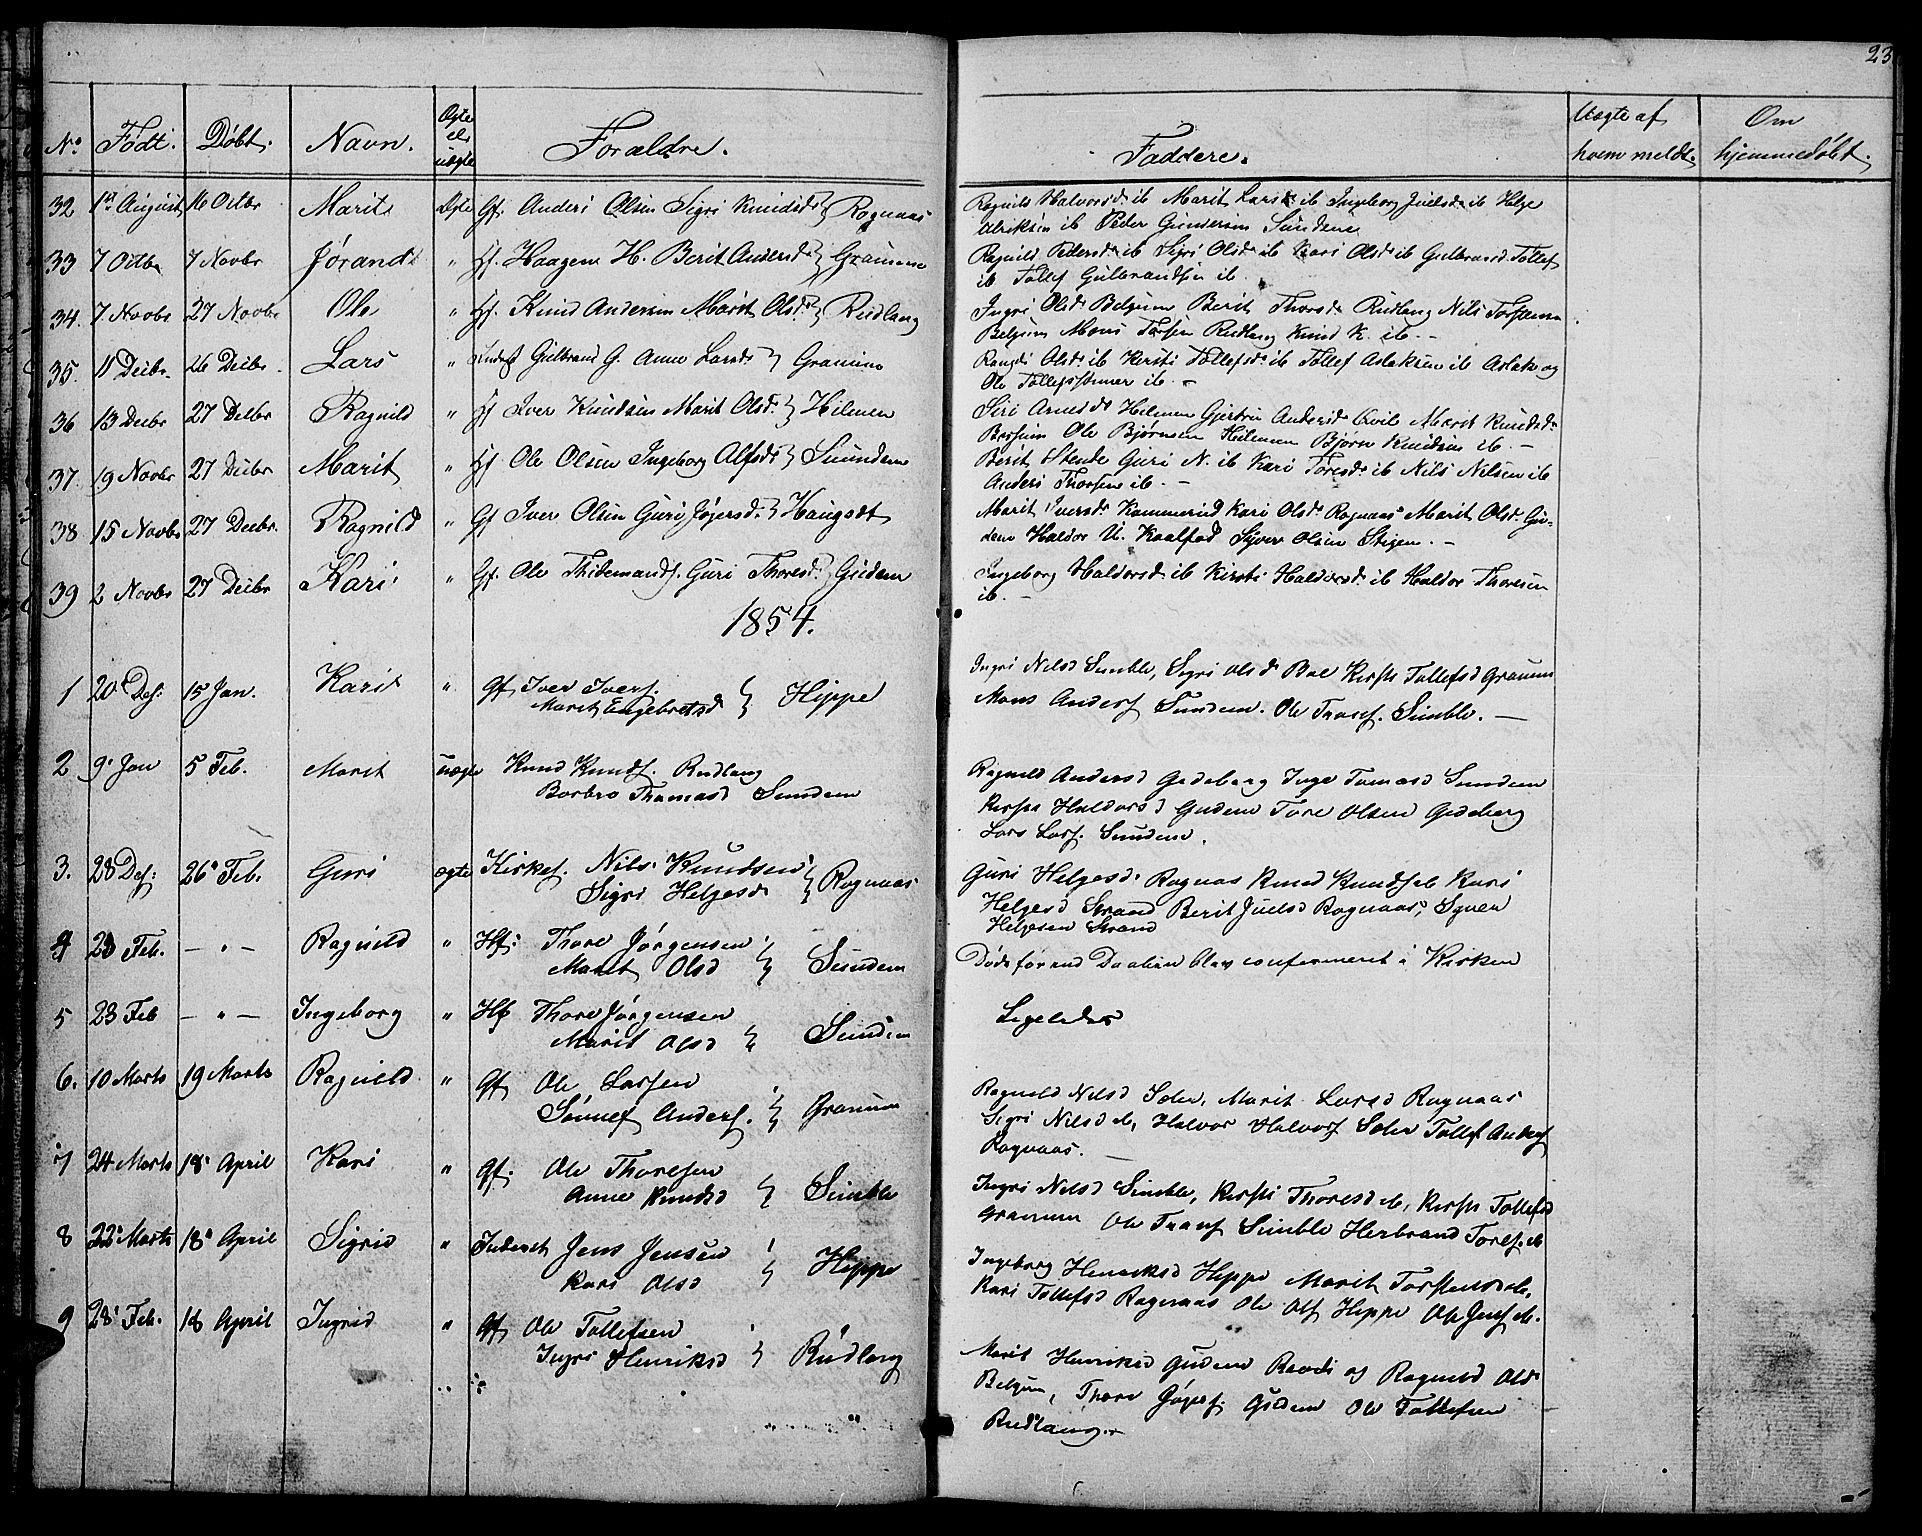 SAH, Nord-Aurdal prestekontor, Klokkerbok nr. 4, 1842-1882, s. 23